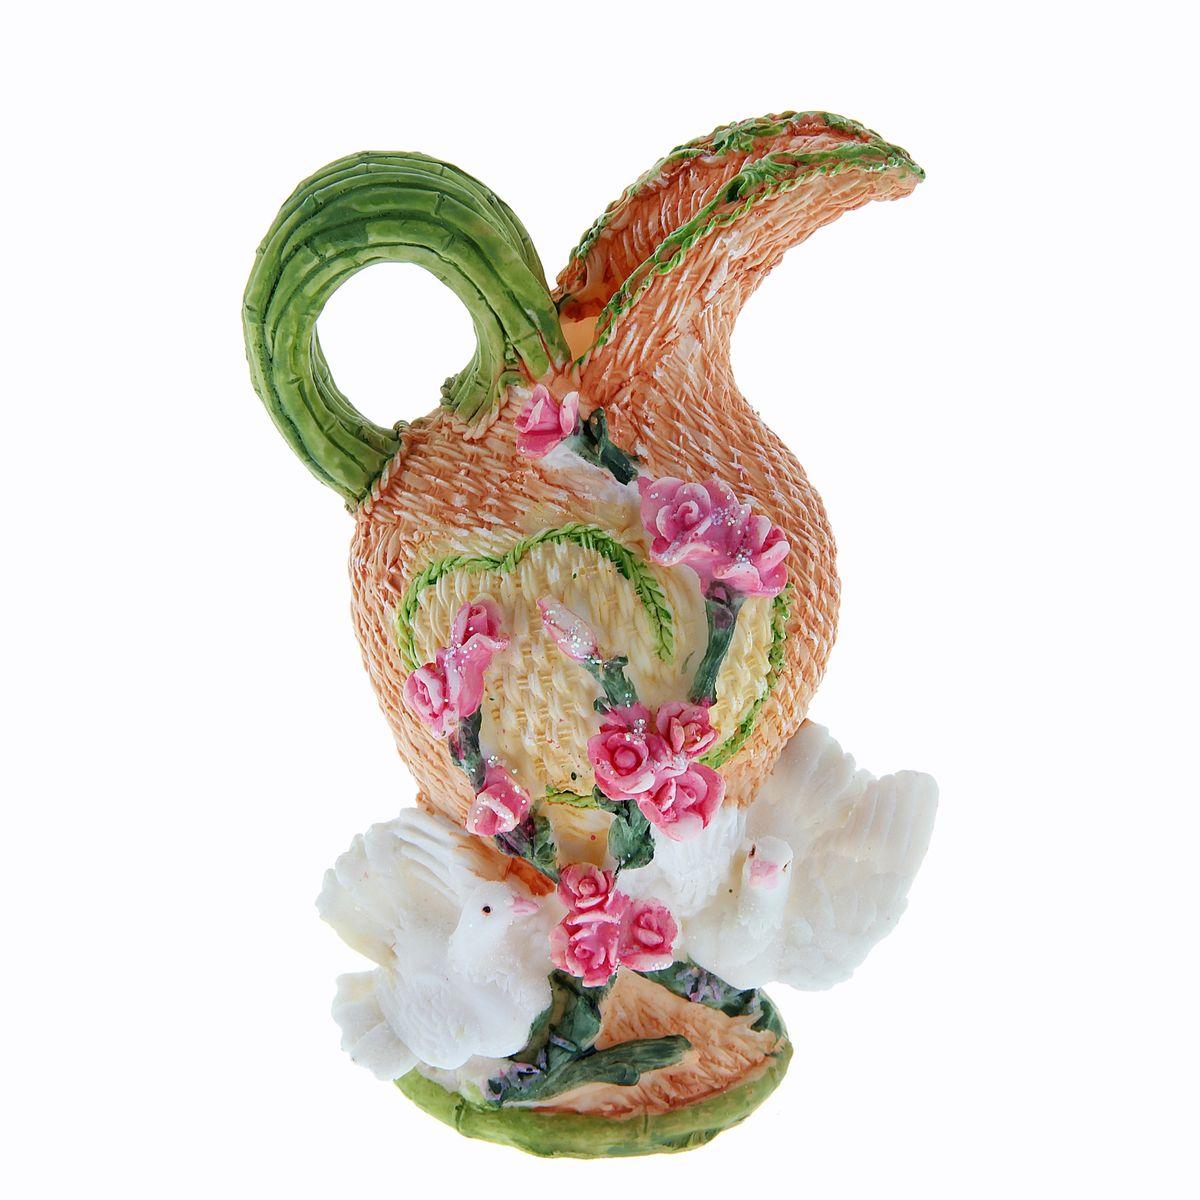 Ваза Sima-land Плетенка, высота 18 см913757Ваза Sima-land Плетенка, изготовленная из высококачественной керамики, декорирована объемными голубями и плетенным рельефом. Интересная форма и необычное оформление сделают эту вазу замечательным украшением интерьера. Она предназначена как для живых, так и для искусственных цветов. Любое помещение выглядит незавершенным без правильно расположенных предметов интерьера. Они помогают создать уют, расставить акценты, подчеркнуть достоинства или скрыть недостатки.